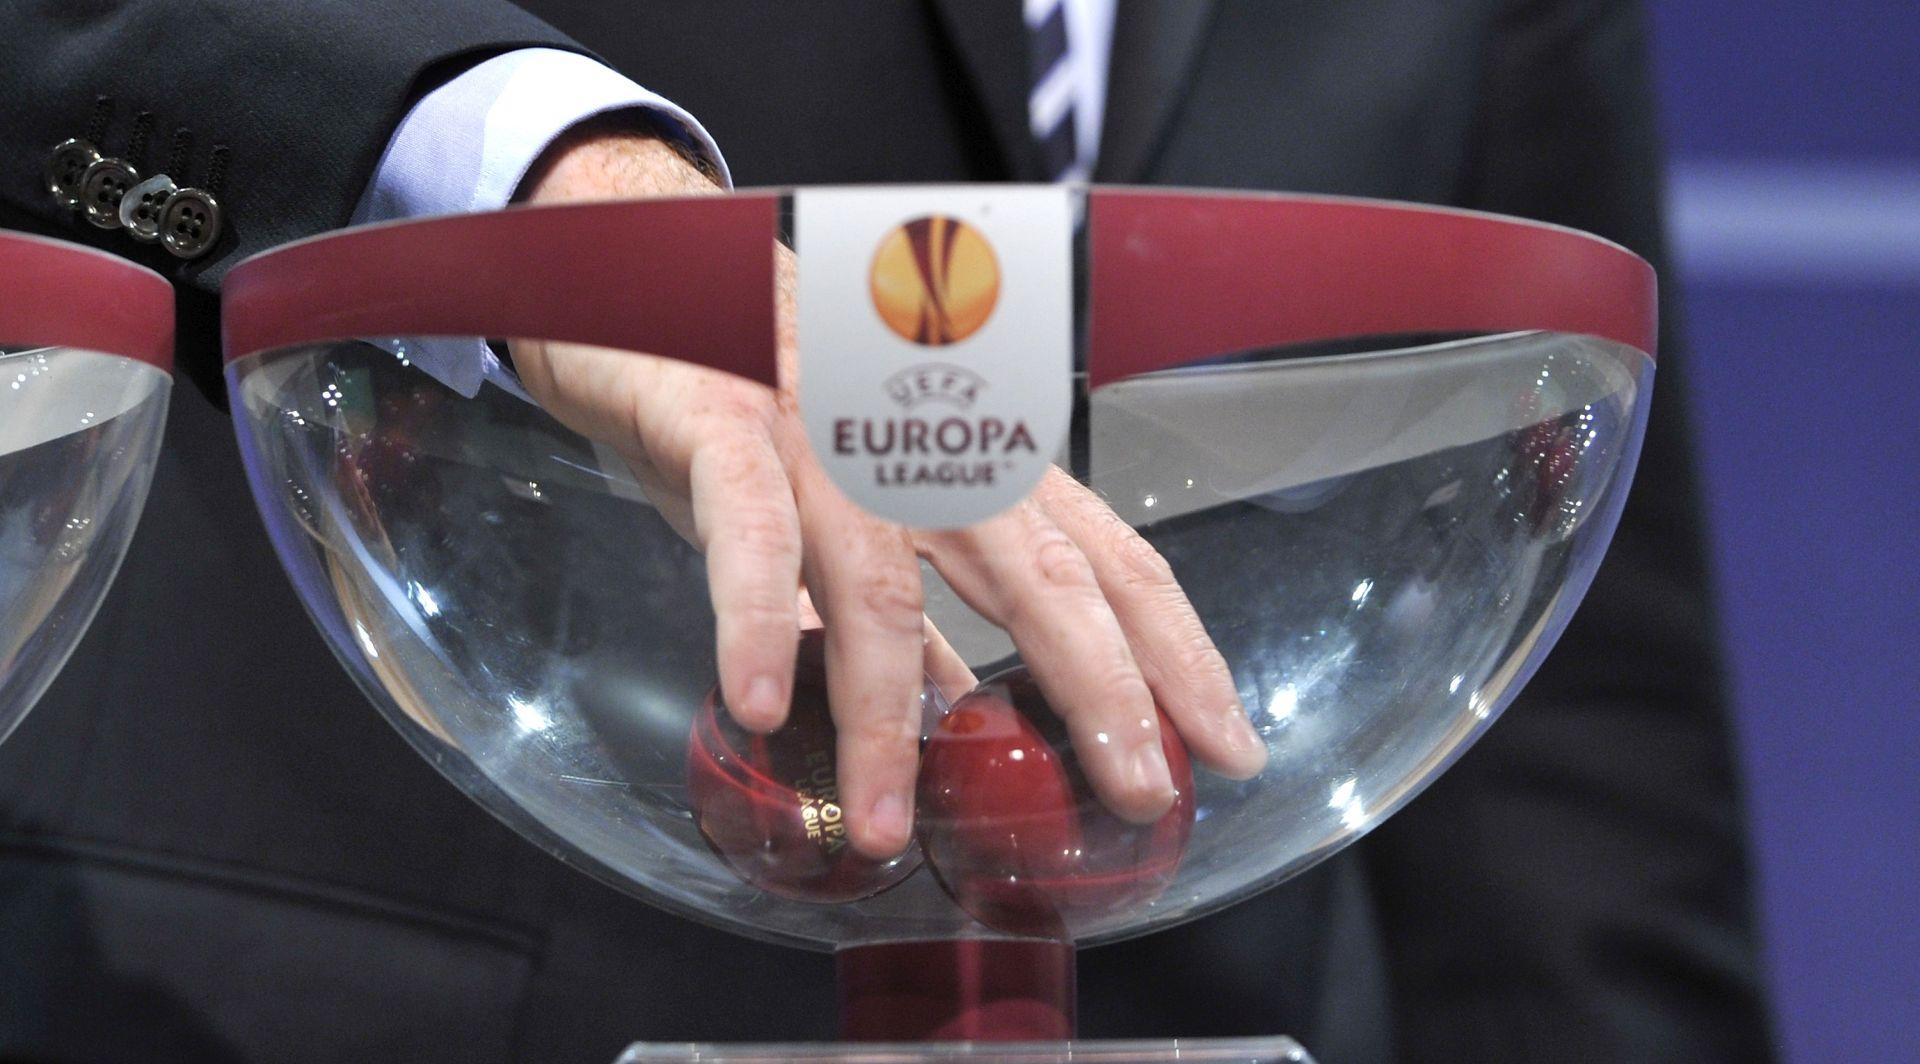 ČESTITKA UEFA-E Celticu 16500 eura kazne zbog ponašanja navijača i nediscipline igrača